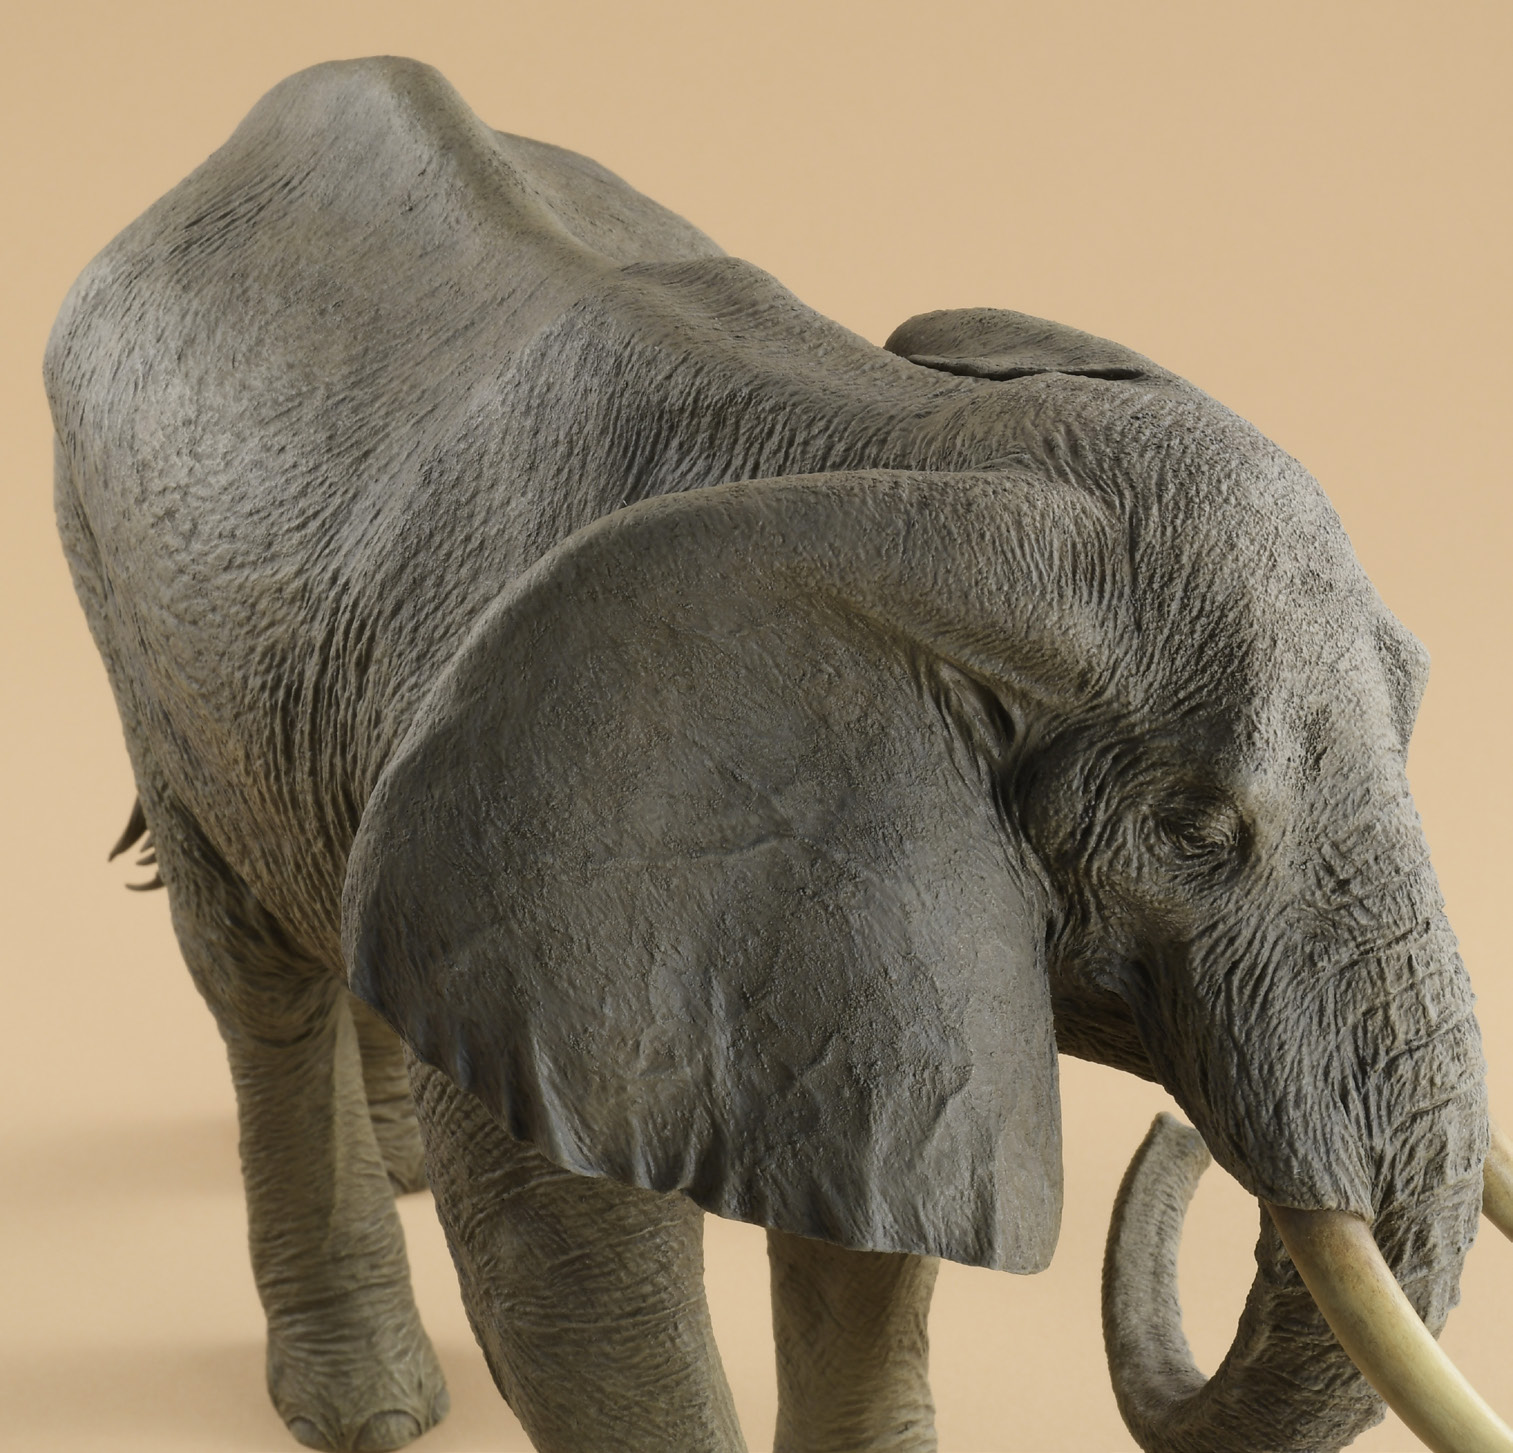 粘土造形スーパーテクニック アフリカゾウの全体の完成〜頭部と